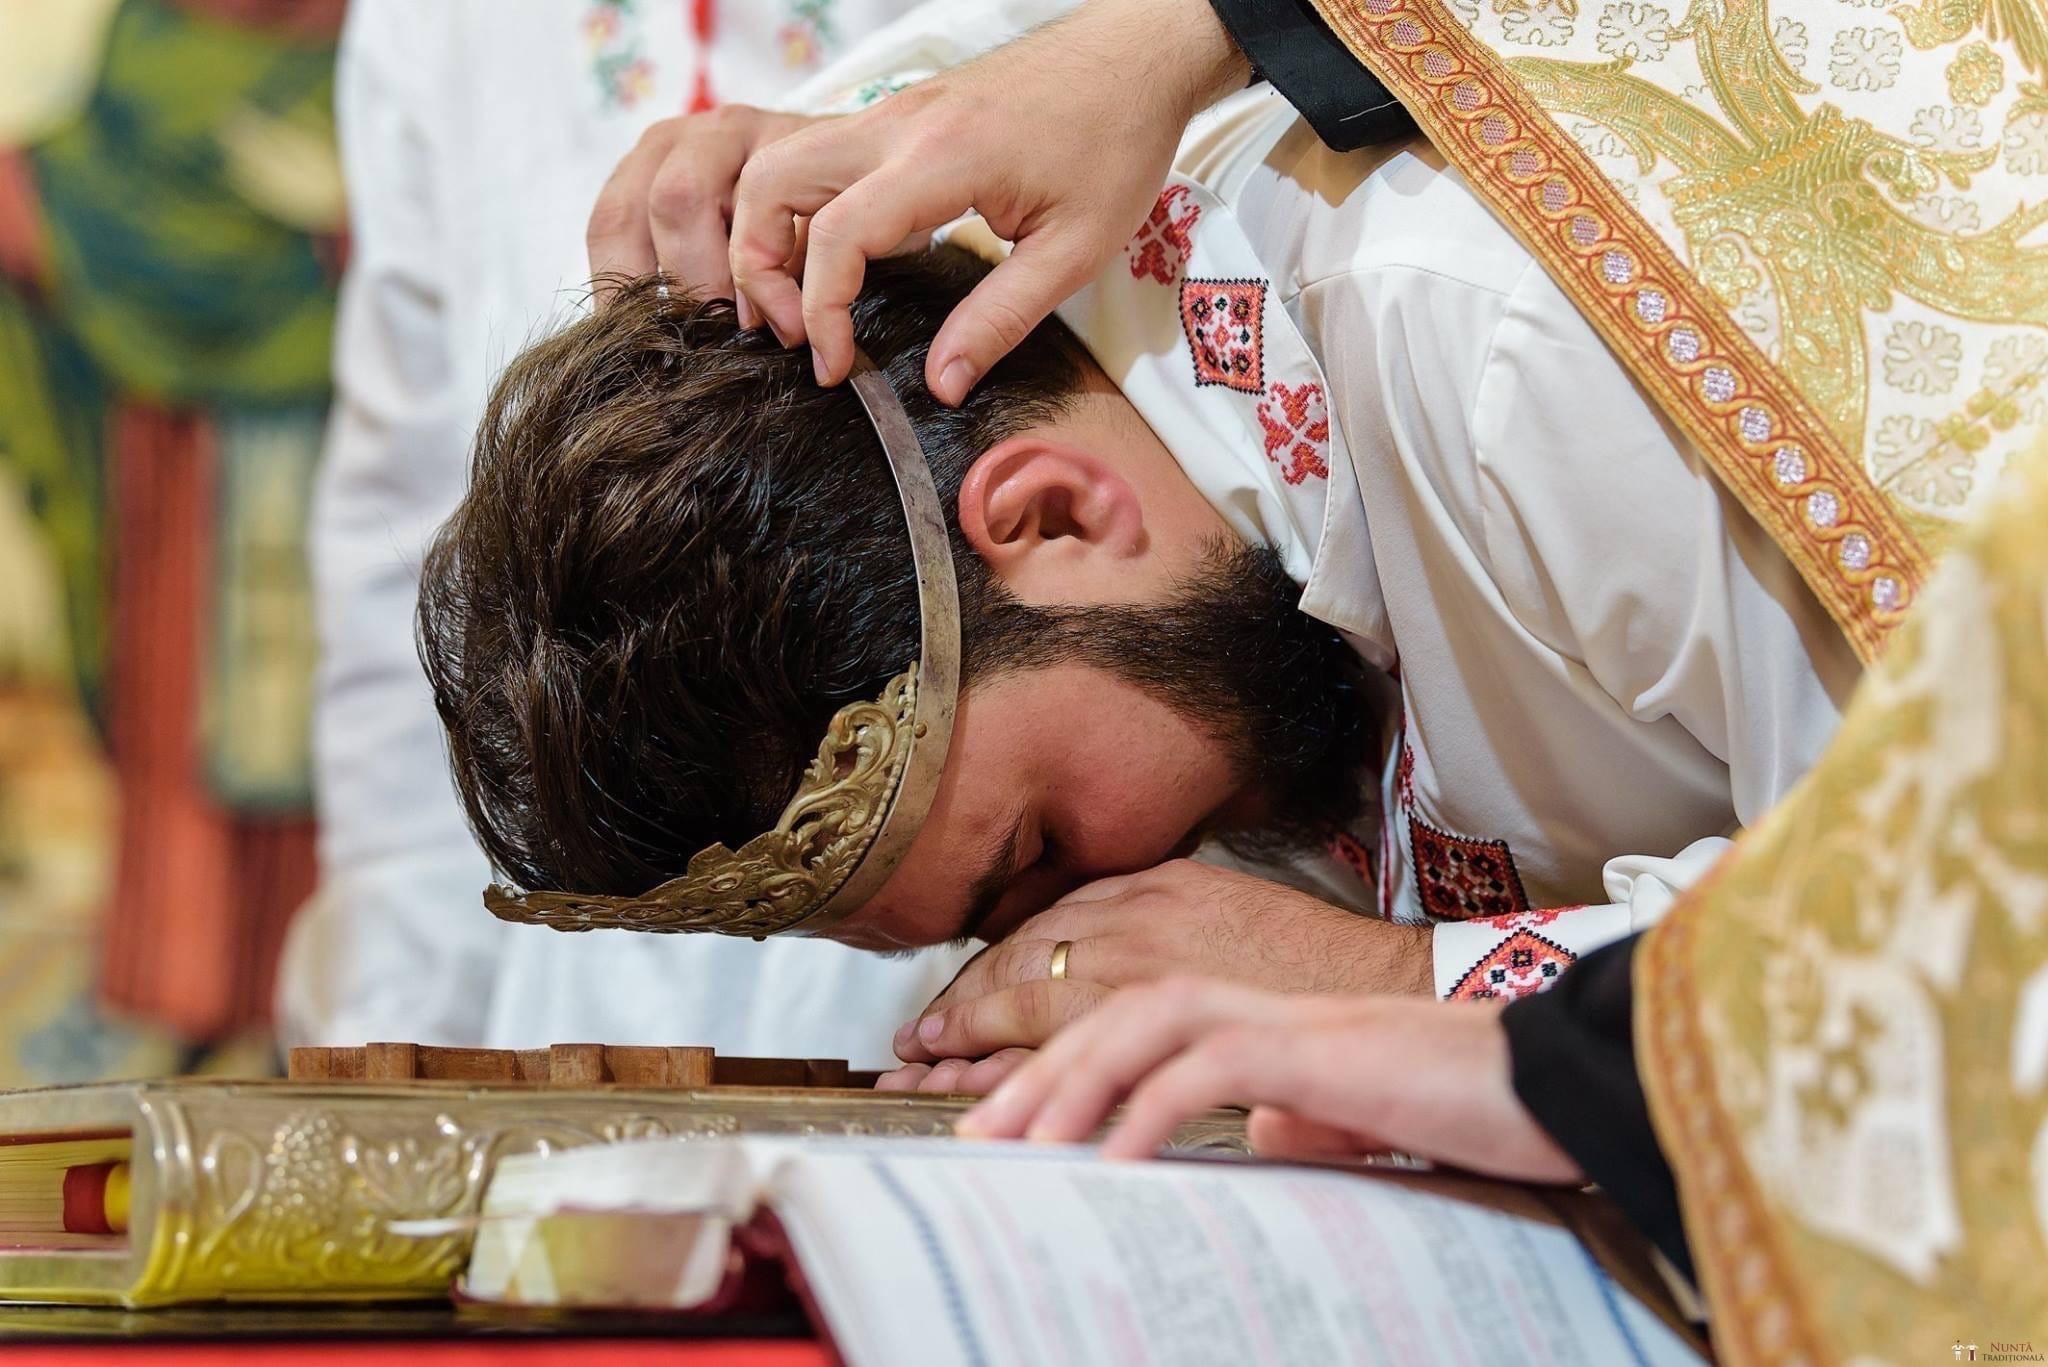 Povești Nunți Tradiționale - Daniela și Cristian, nuntă tradițională în Slobozia, Giurgiu 41